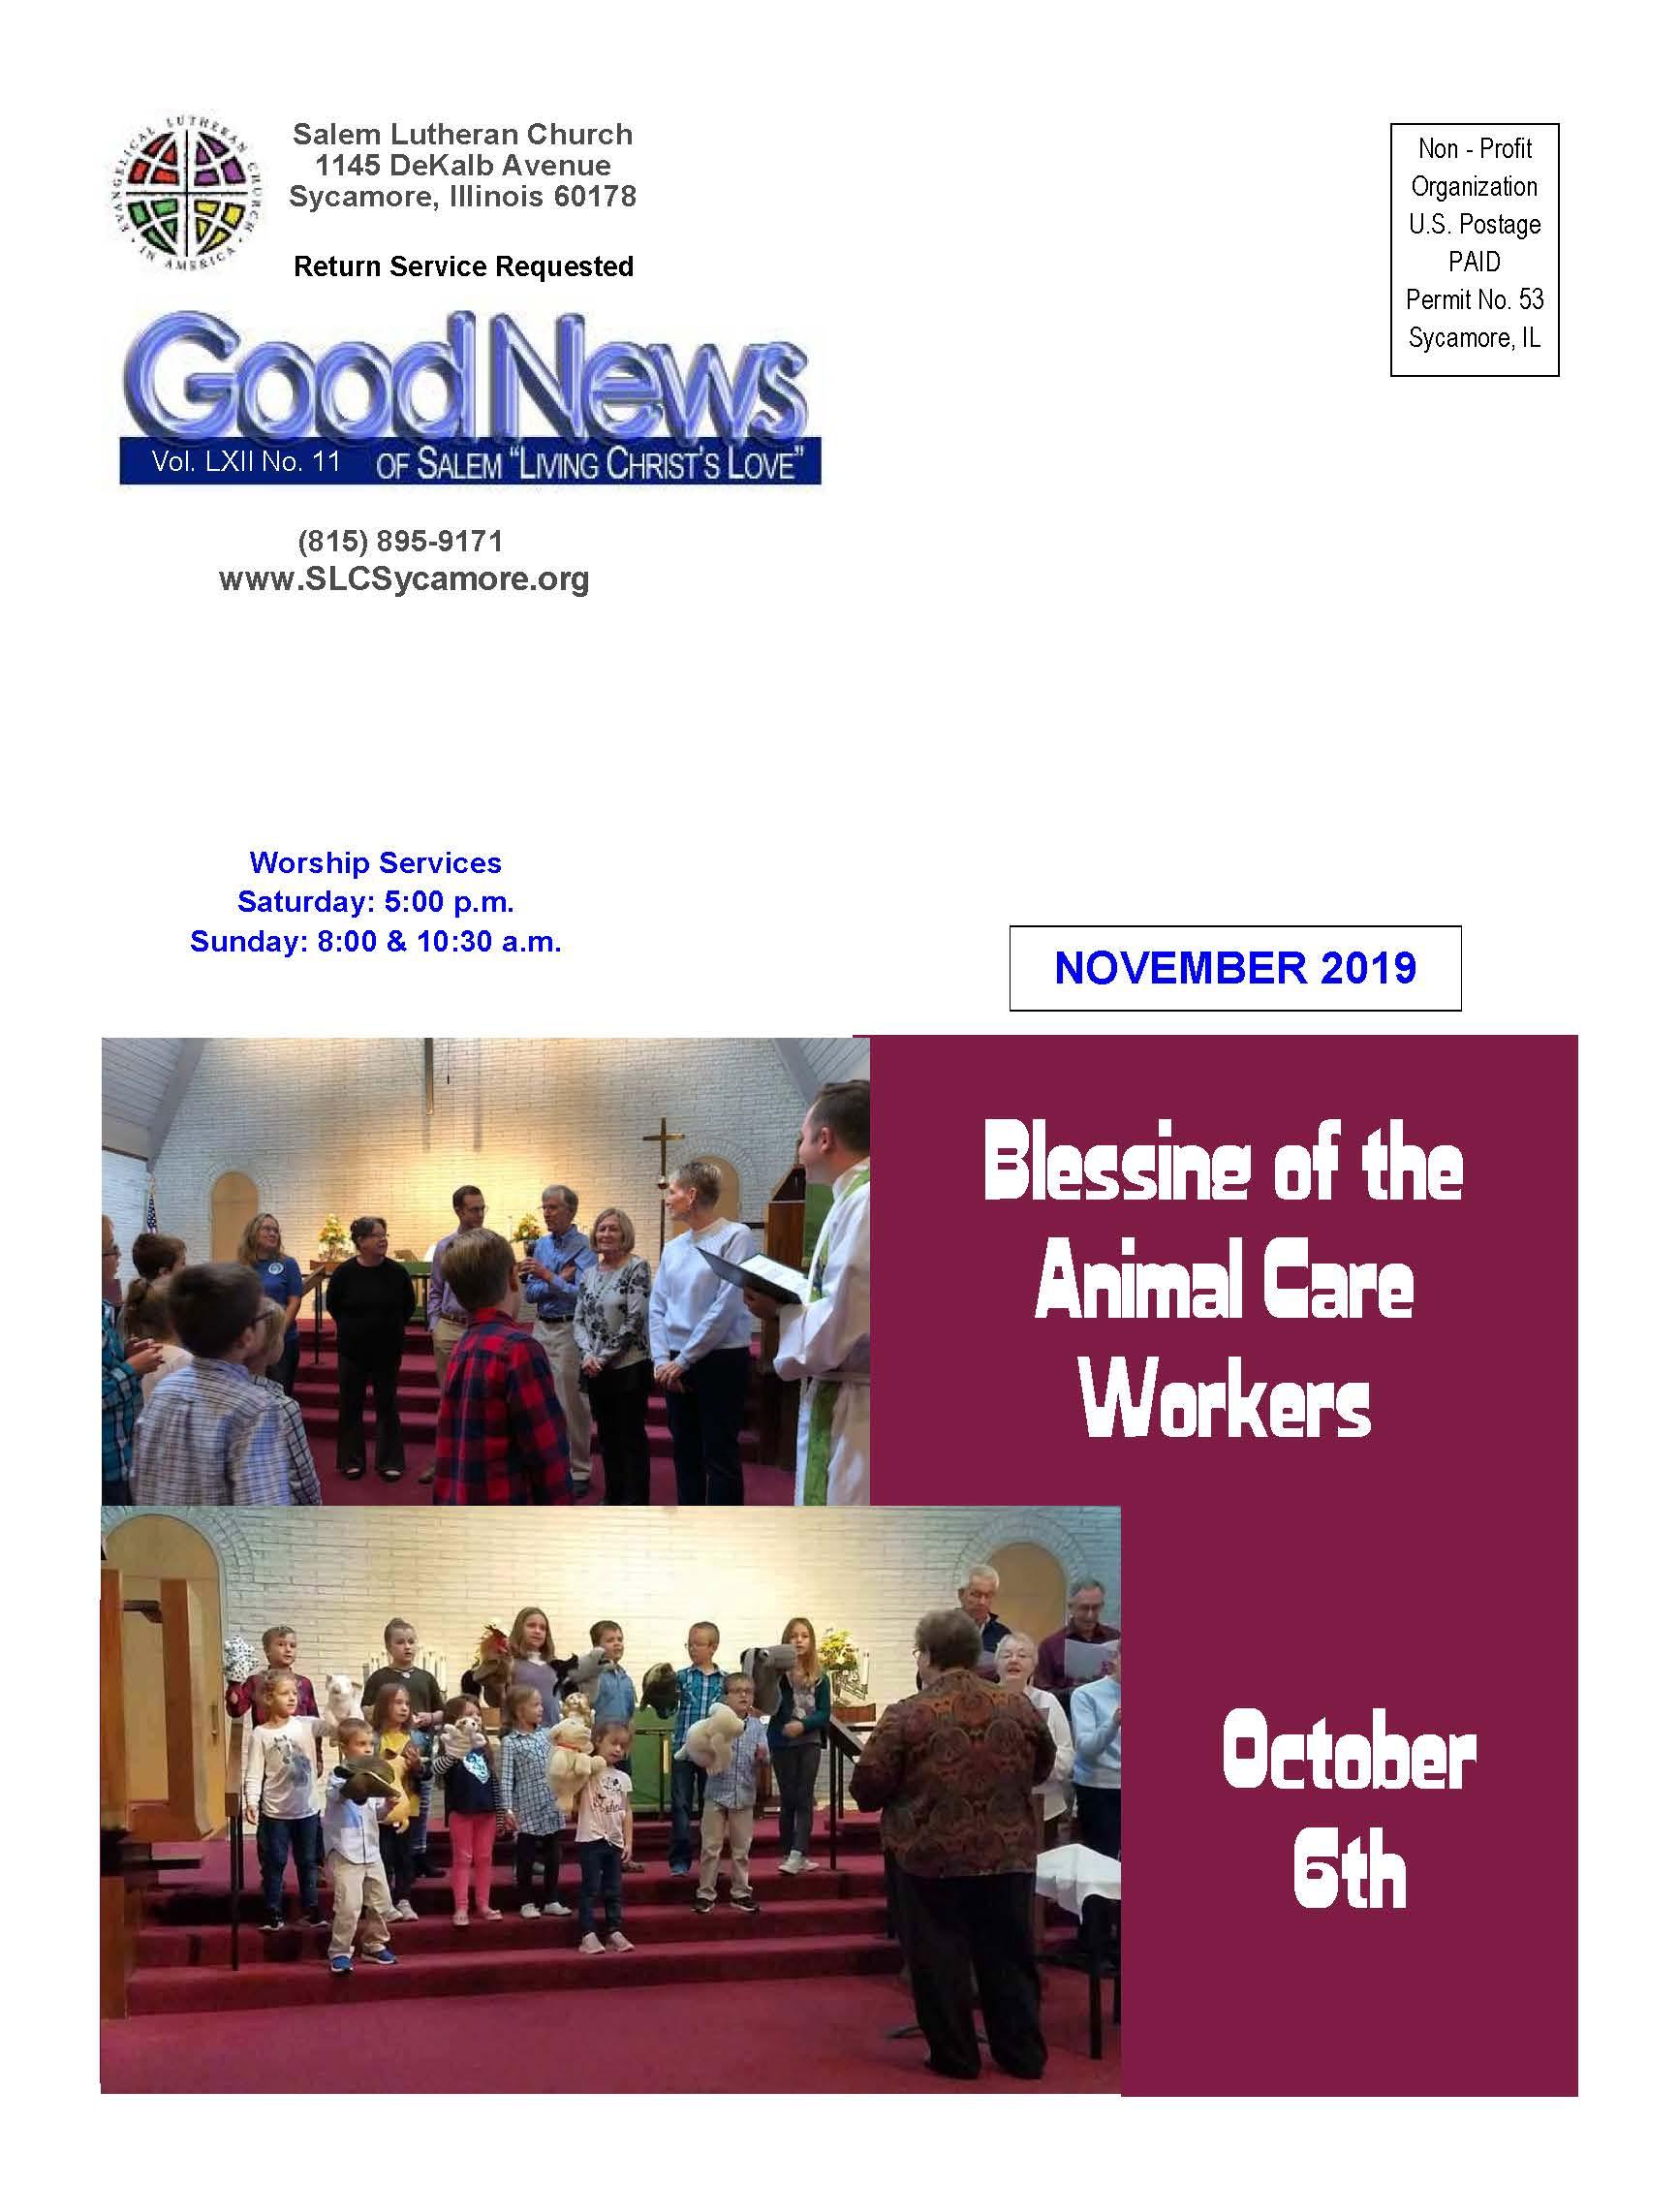 November 2019 Newsletter Cover